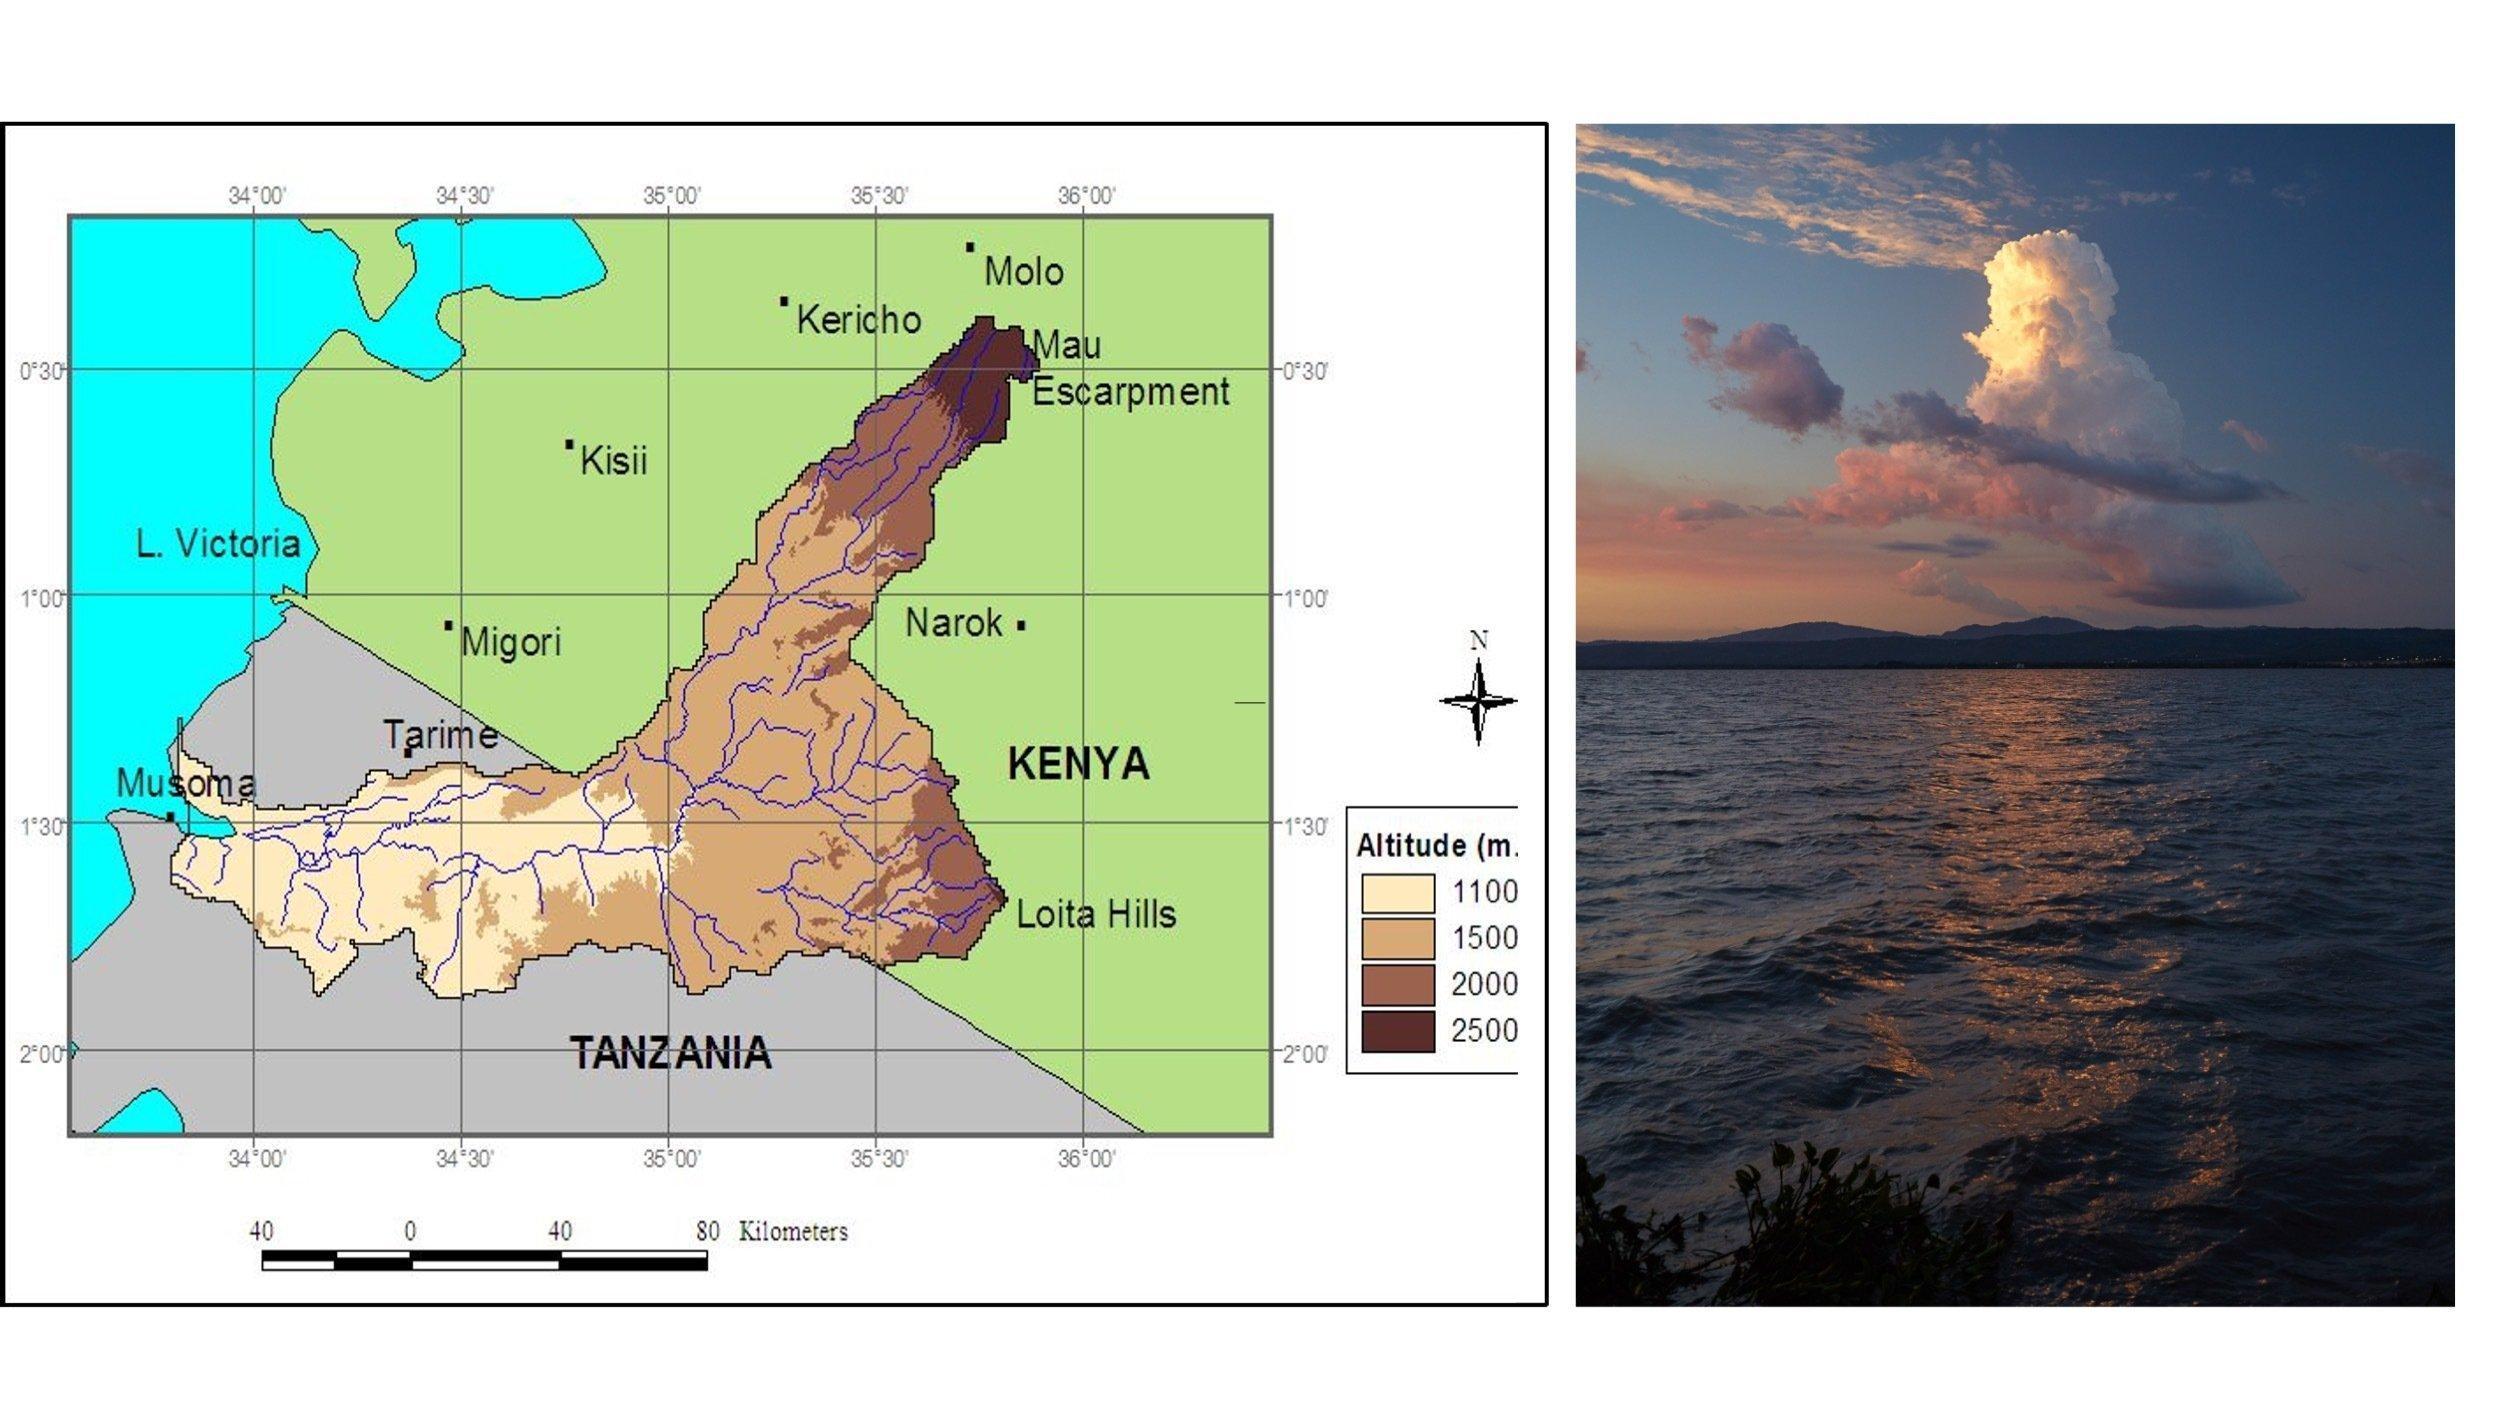 Links ist eine Karte zu sehen, mit Kenia imNorden und Tansania im Süden, dem Victoria-See im Westen. Die unterschiedlichen Höhen sind farblich wiedergegeben, mit dem Mau-Wald als höchstem Bereich in über 2500Metern Höhe. Im Zentrum ist das verzweigte Mau-Mara-Flusssystem gut zu erkenne.